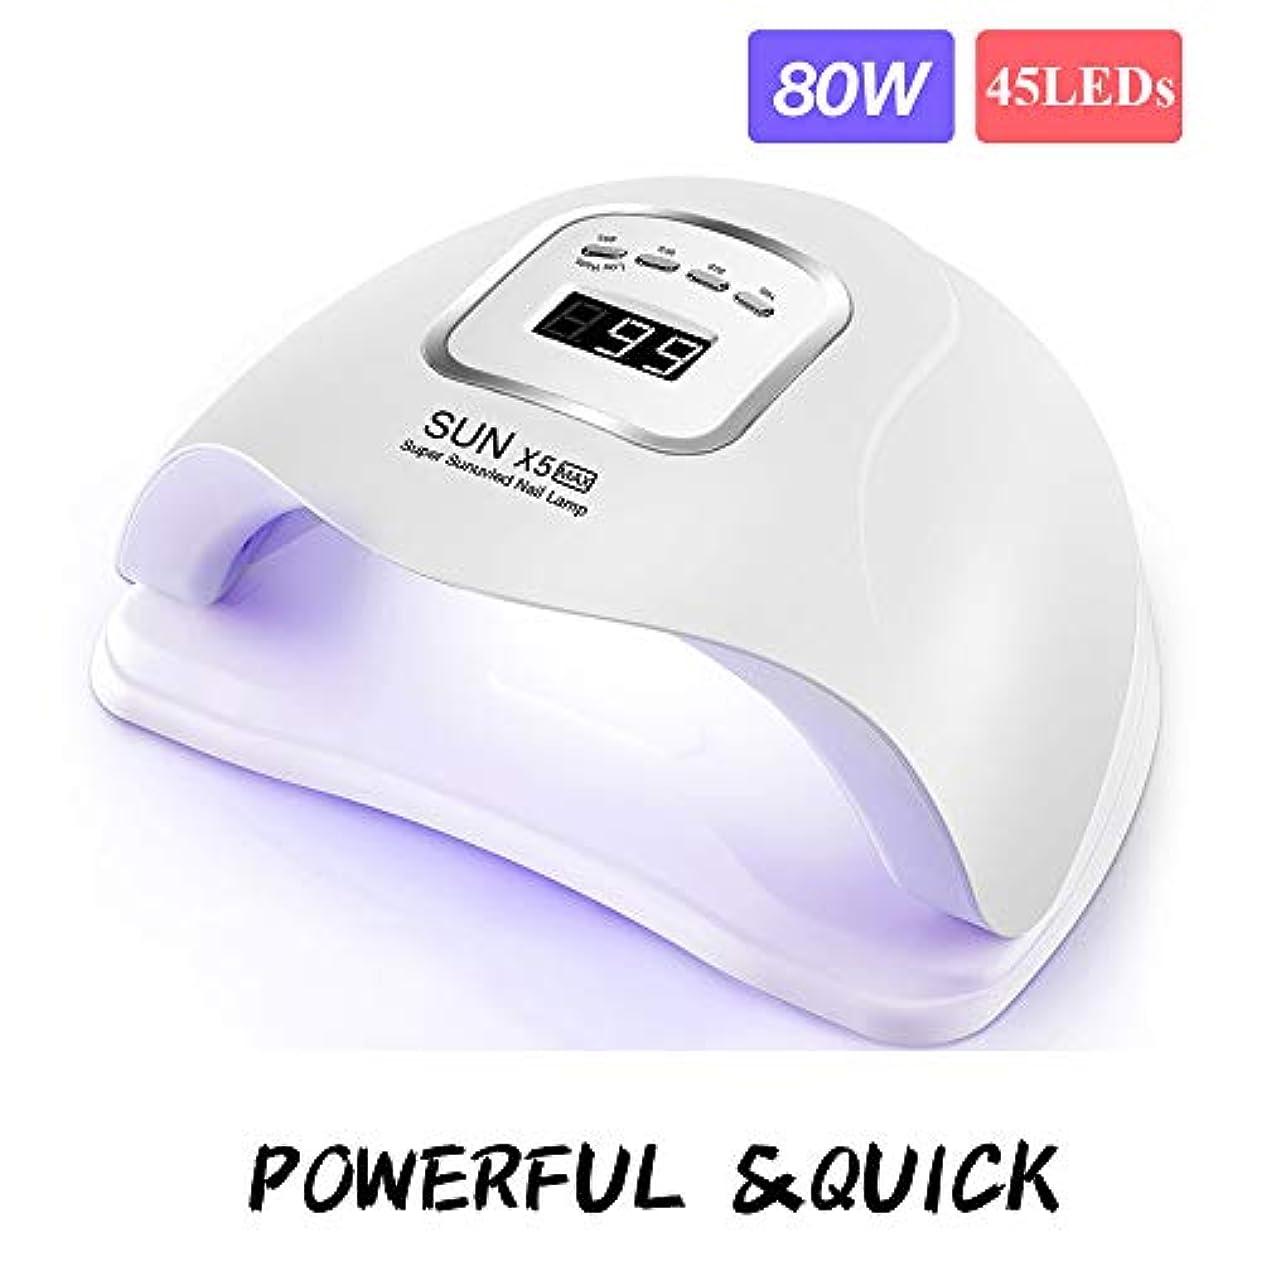 なめるクレア邪悪なUV ledランプネイルドライヤー45ピースledランプ用硬化紫外線ジェルネイルポリッシュセンサー付きLCDディスプレイネイルランプ